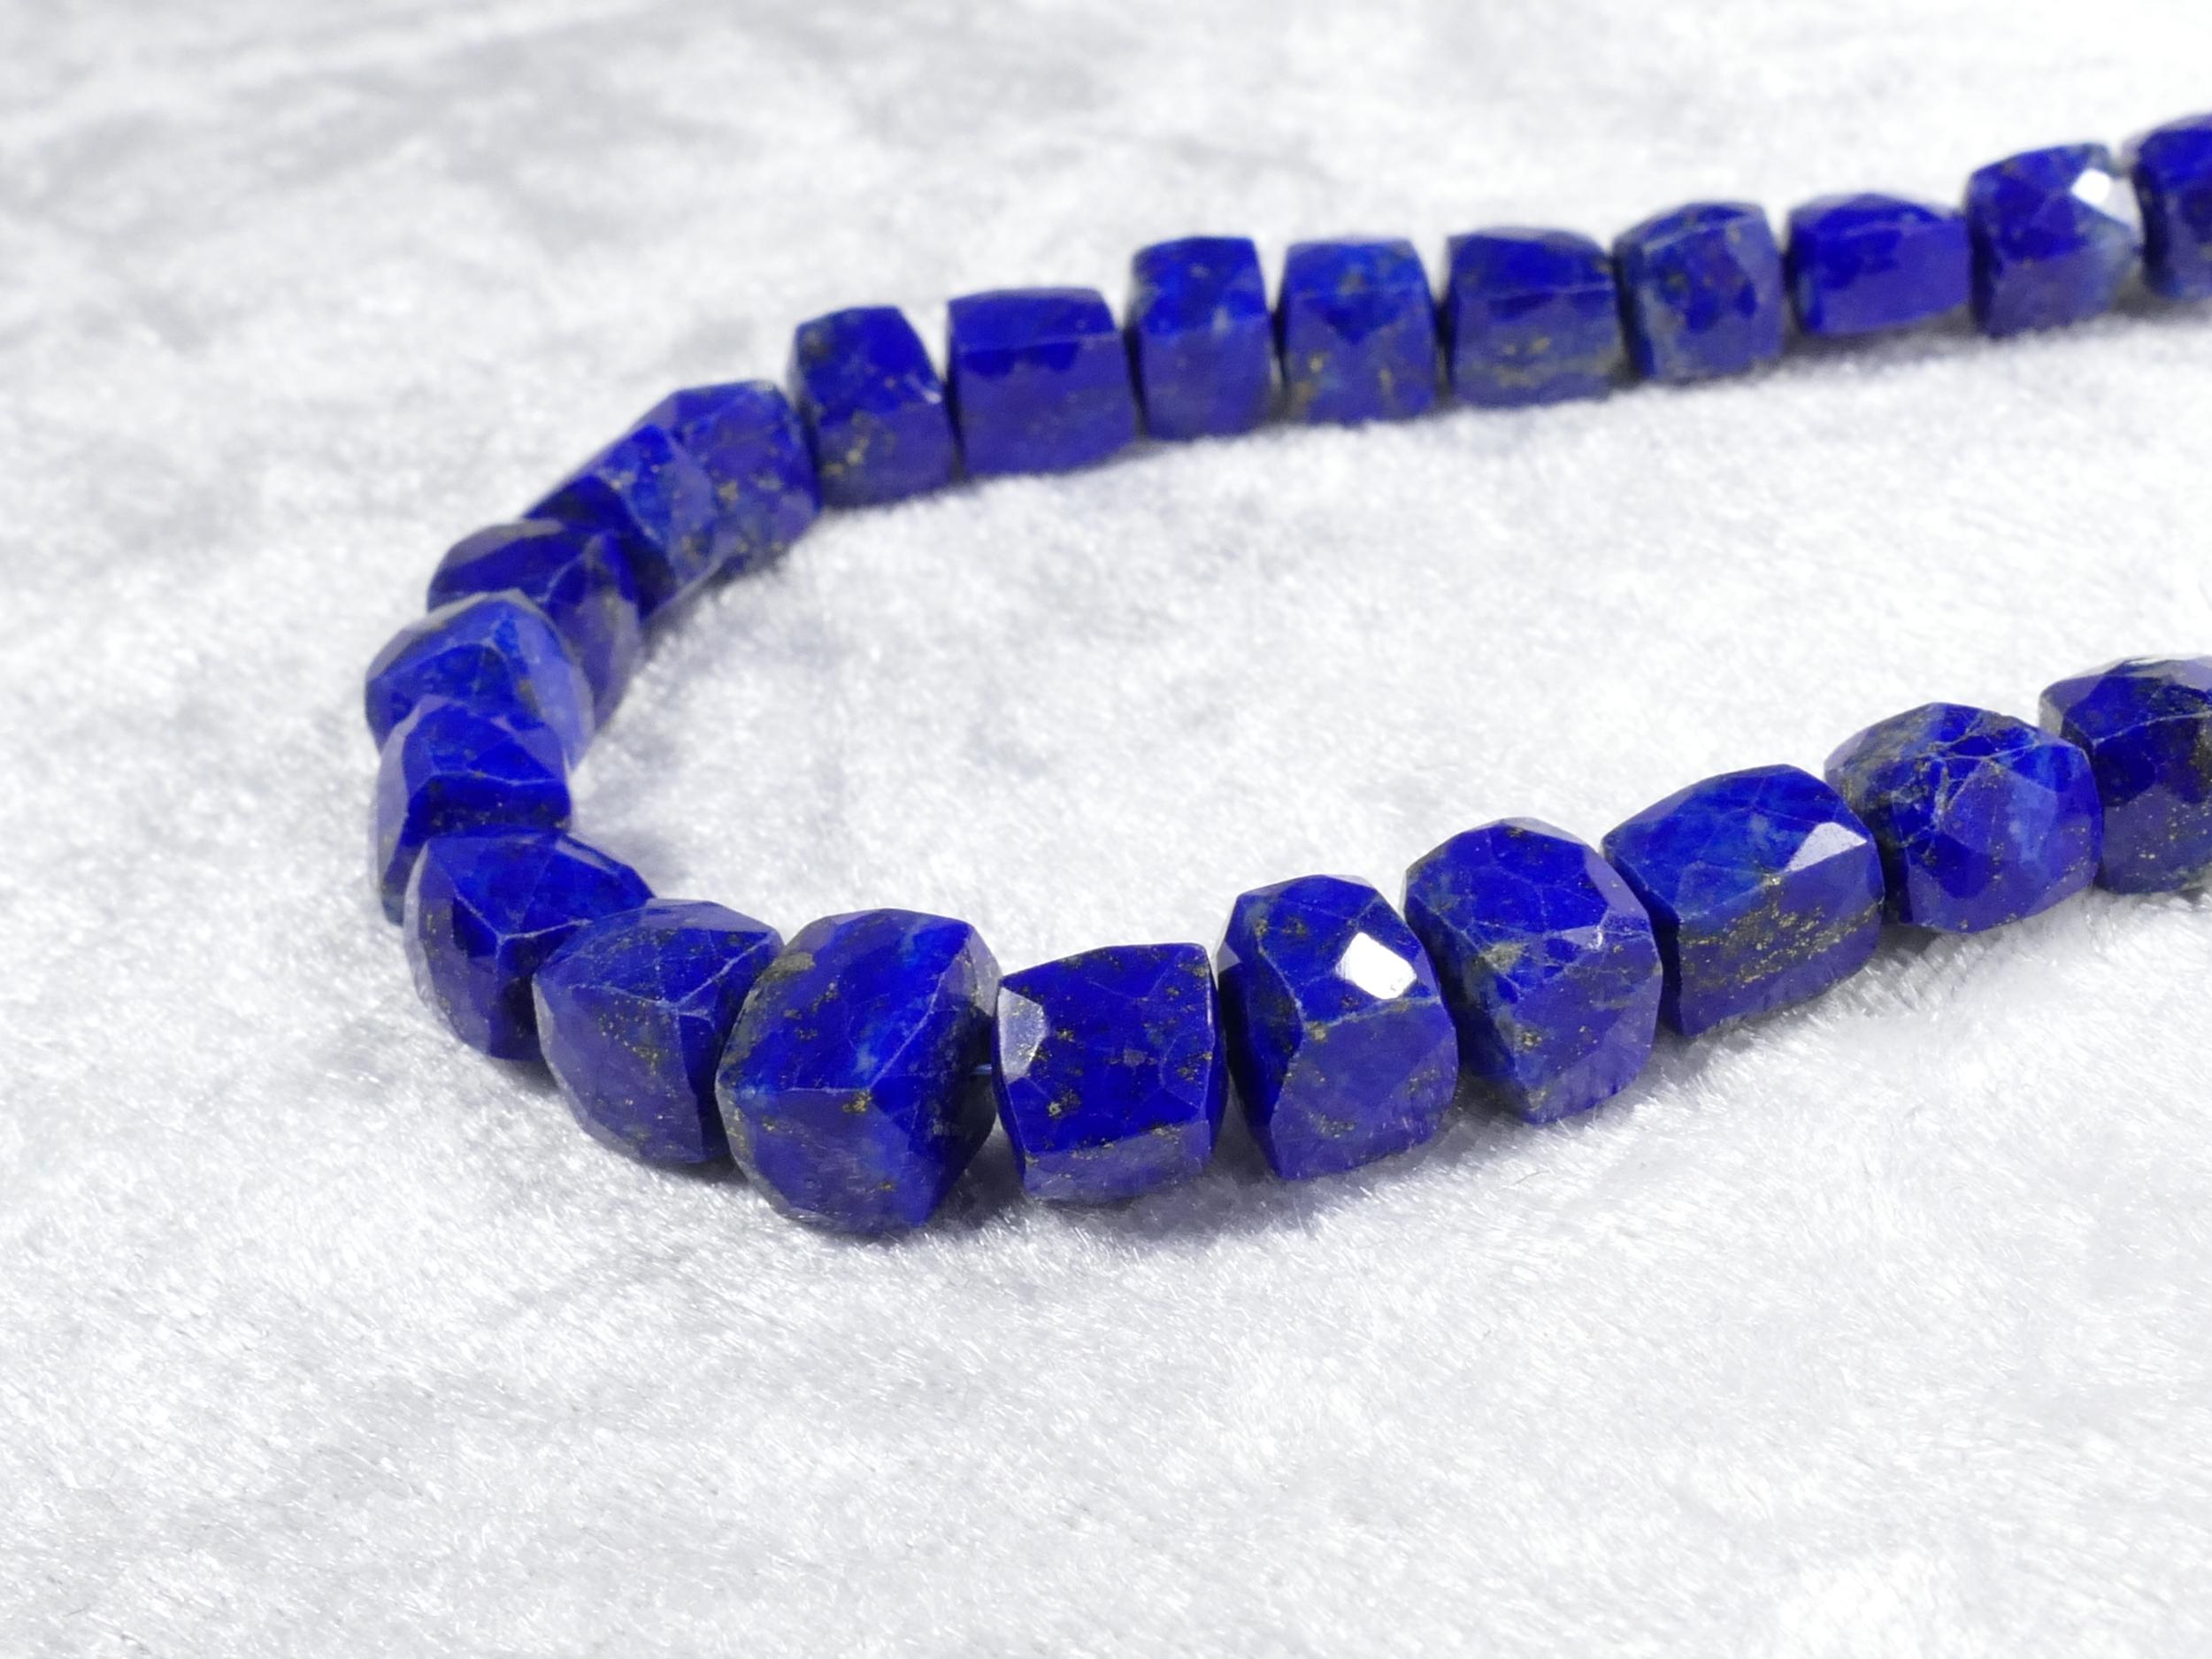 6.5/7.5mm x2 Perles de Lapis lazuli entièrement naturel en cube facettée (#AC1064)